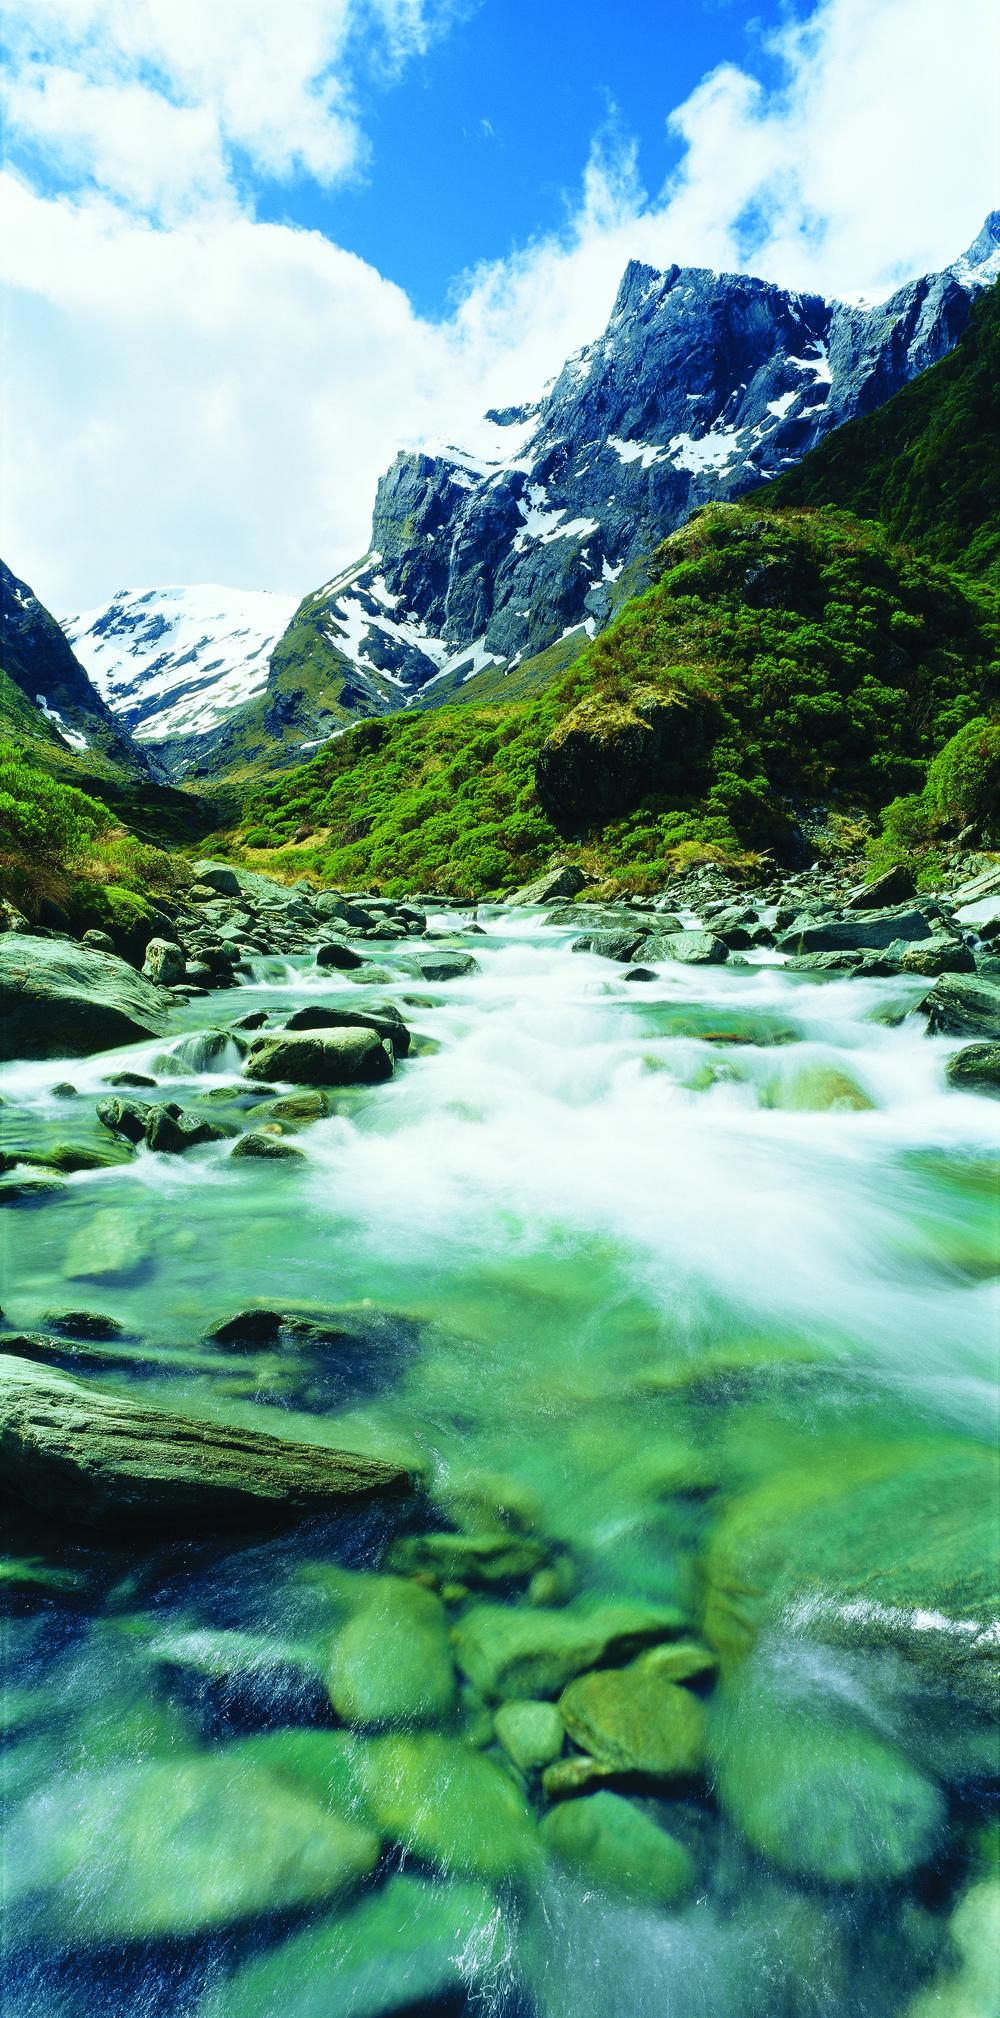 新西蘭那原始粗獷的美麗景色,與托爾金筆下的「中土世界」不謀而合。